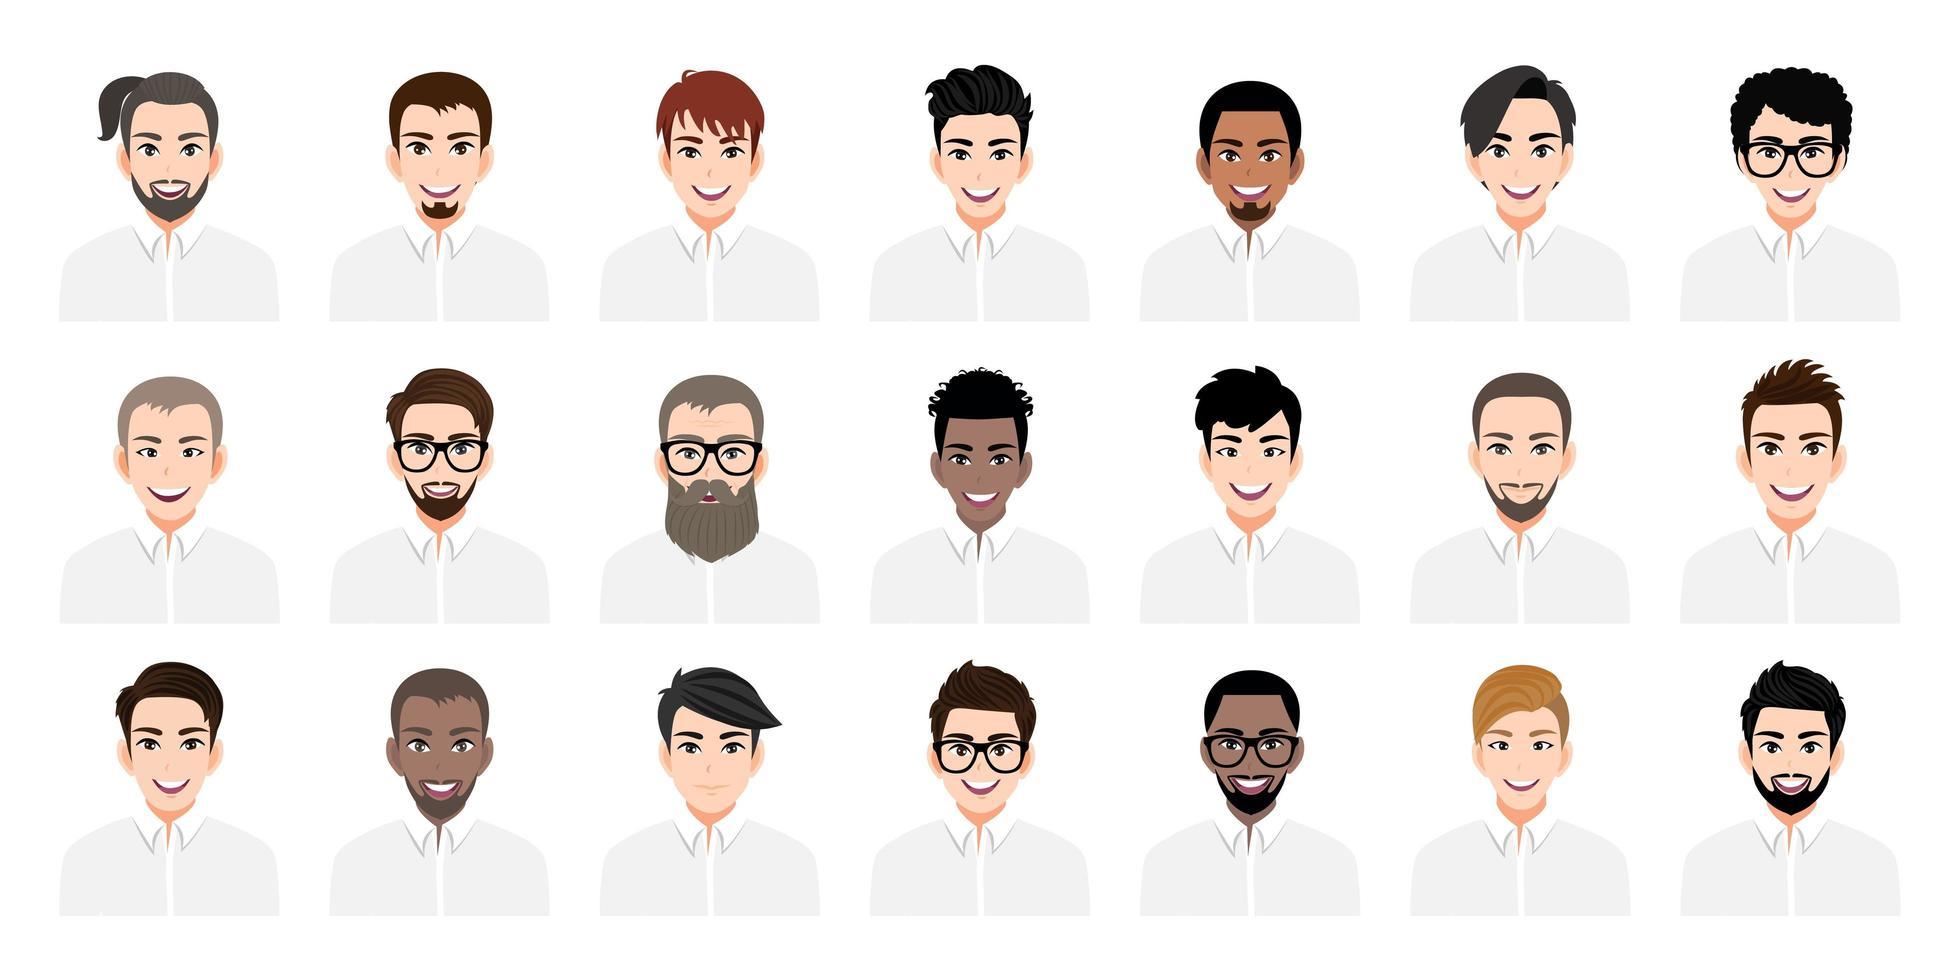 dibujos animados de hombres jóvenes con diferentes peinados vector